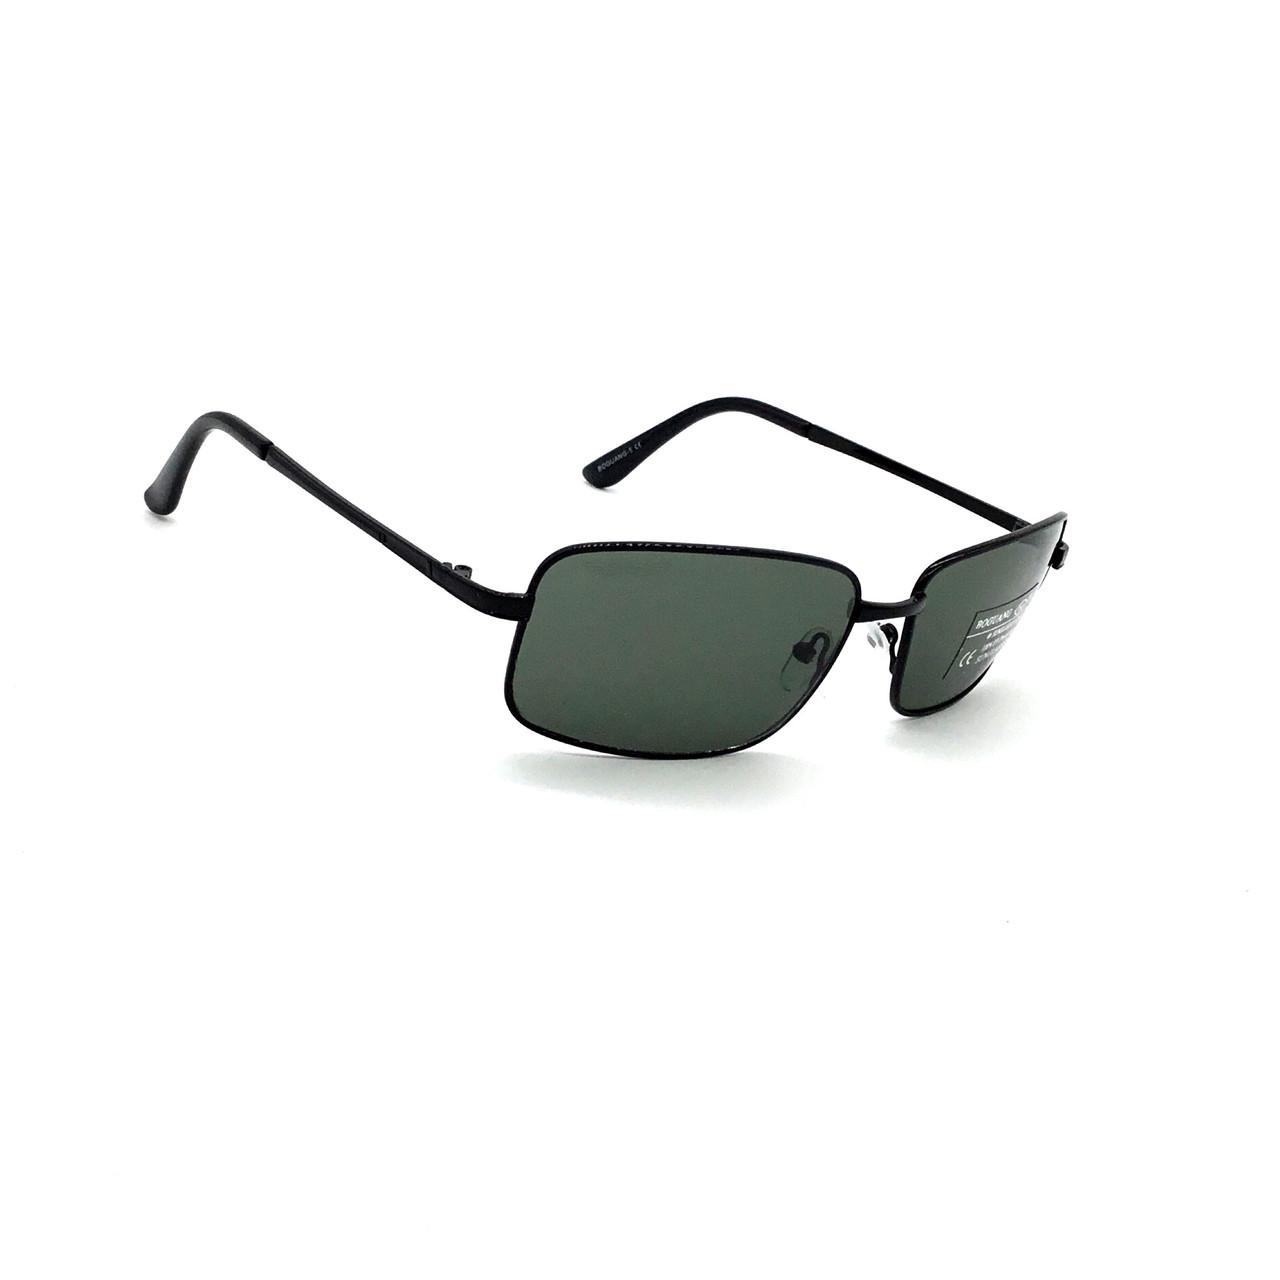 Сонцезахисні окуляри BOGUANG зі склом